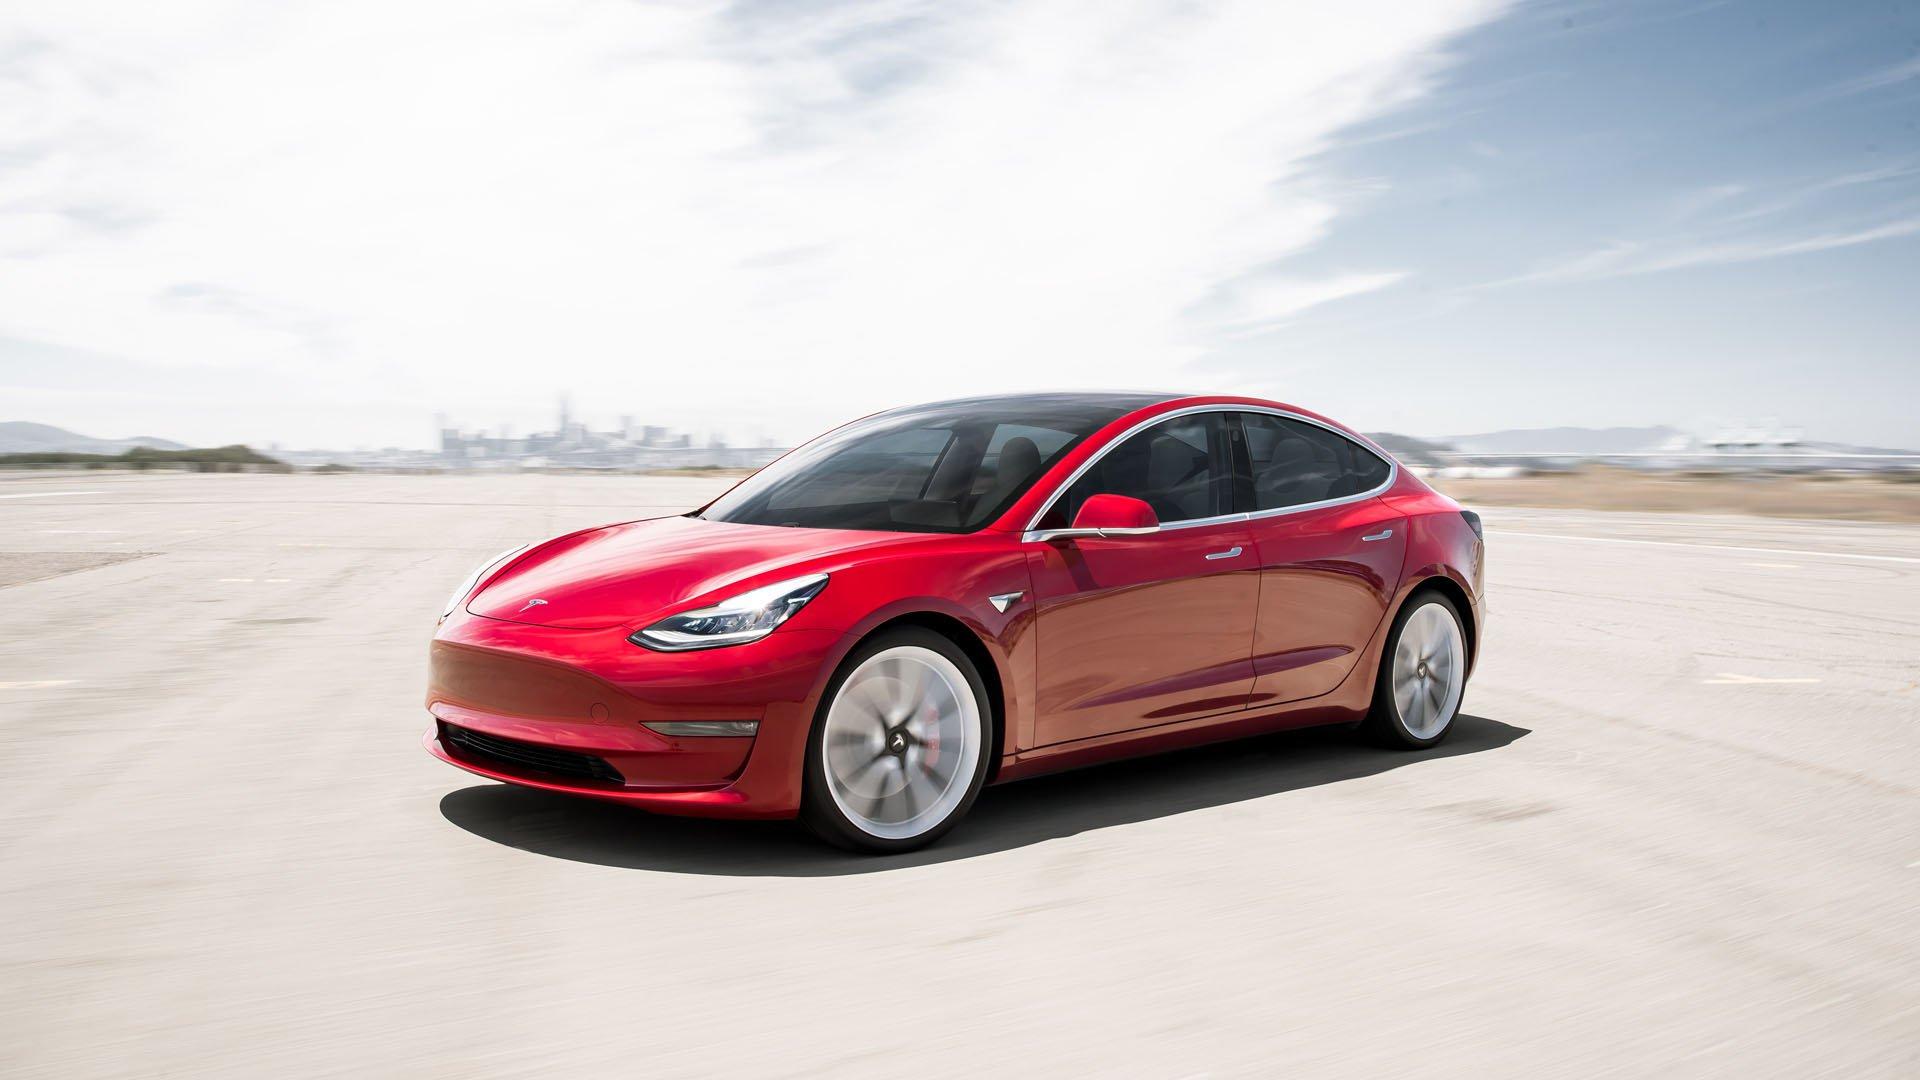 Jövőre érkezik Európába a Tesla Model 3